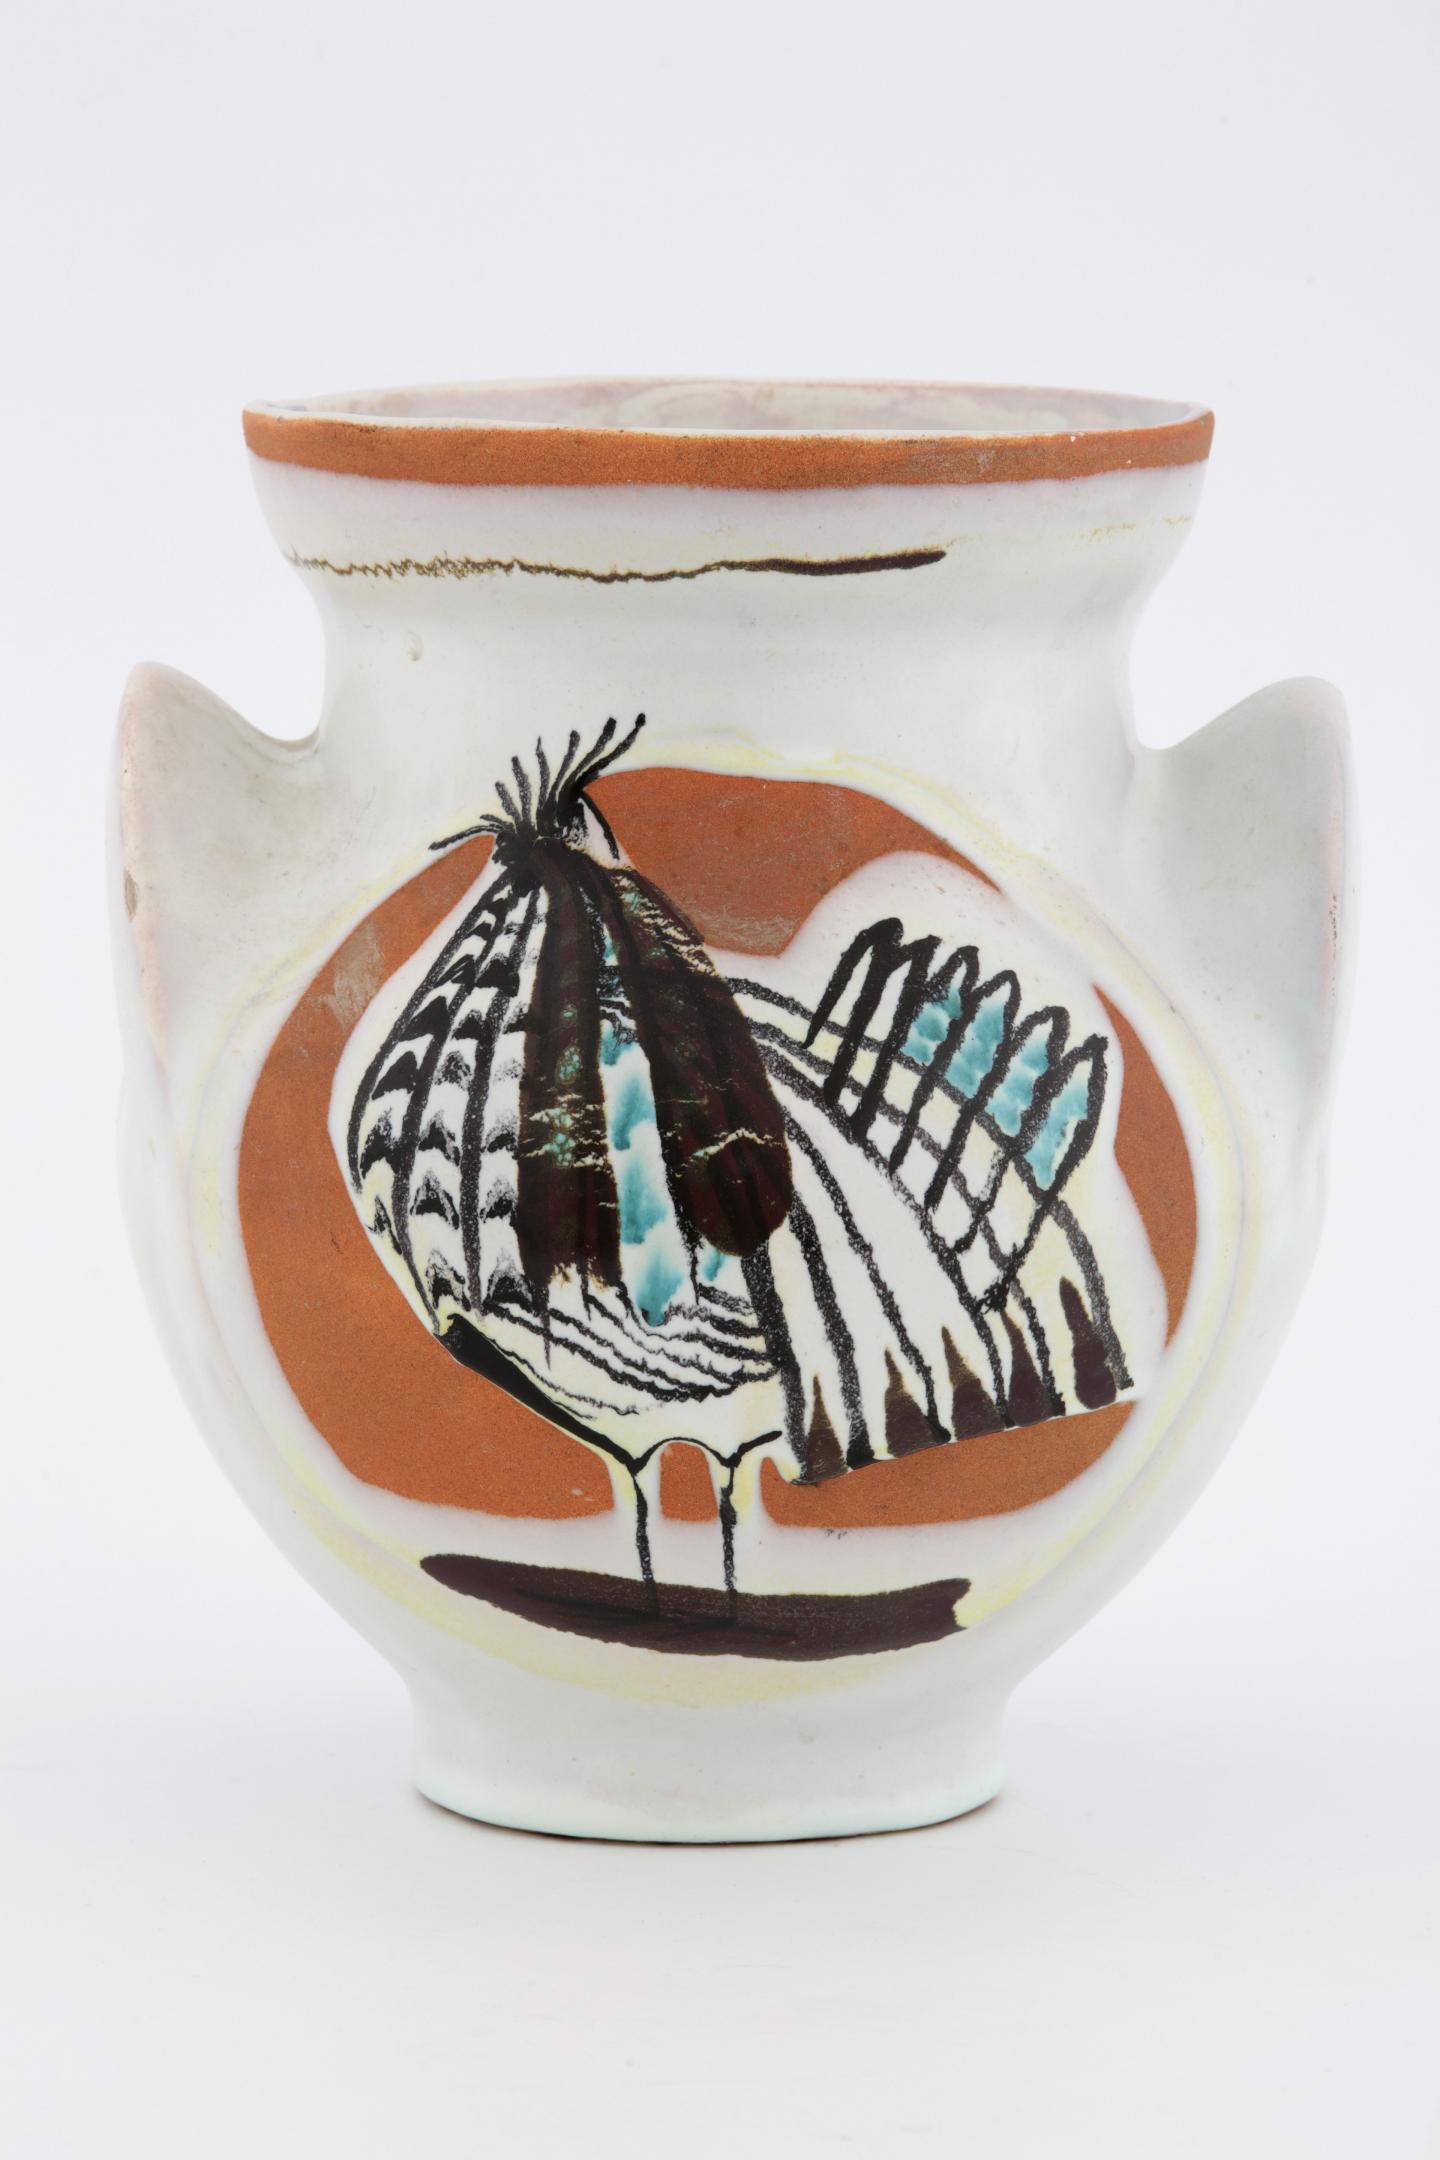 Le vase en céramique créé par Pablo Picasso, en 1953, (en haut à gauche), est estimé à 20 000 €. En bas à gauche, un vase de Roger Capron vendu 1 000 e. Un grand oiseau sorti de l'atelier Madoura de Vallauris : valeur 15 000 e. Ci-dessus : encore une œuvre de Picasso mise à la vente à partir de 3 000 e.(DR)